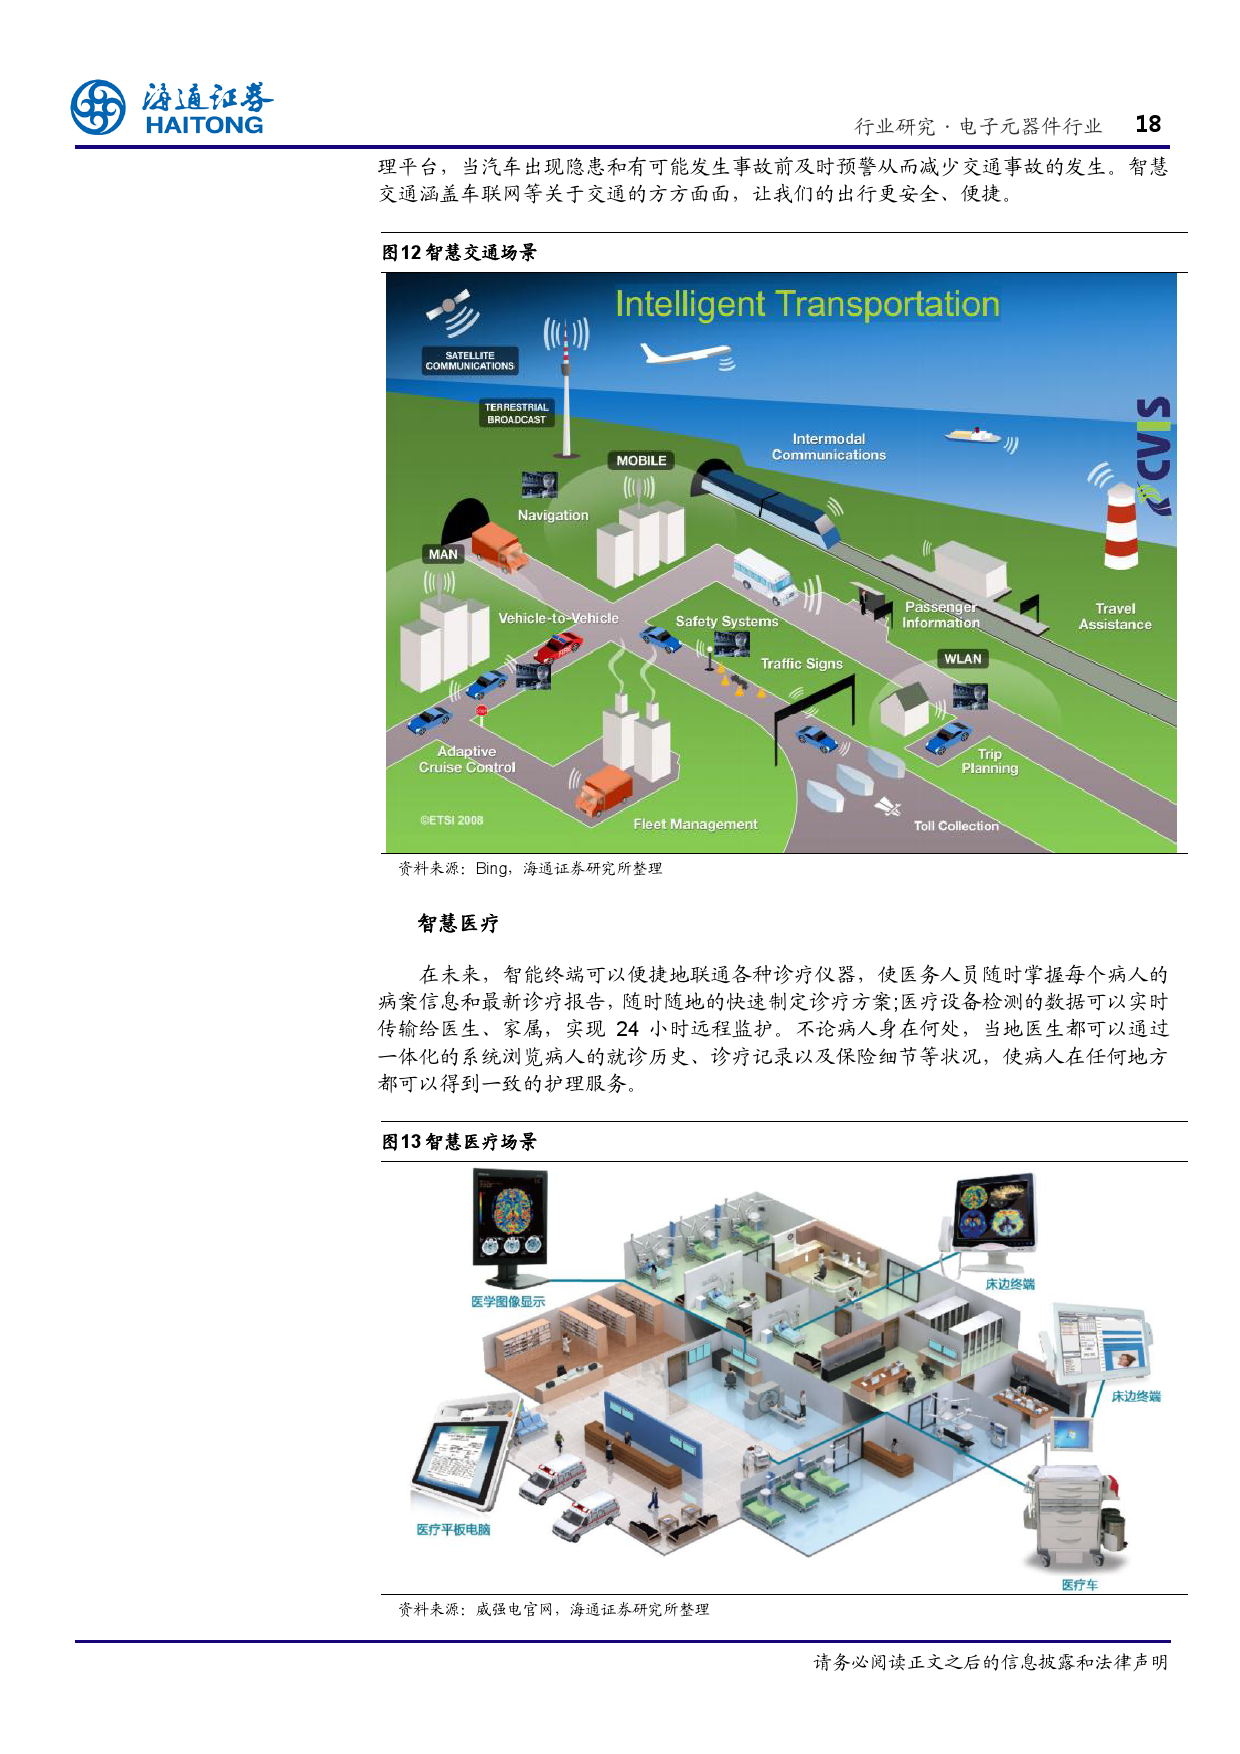 报告全解传感器全球产业链_000018